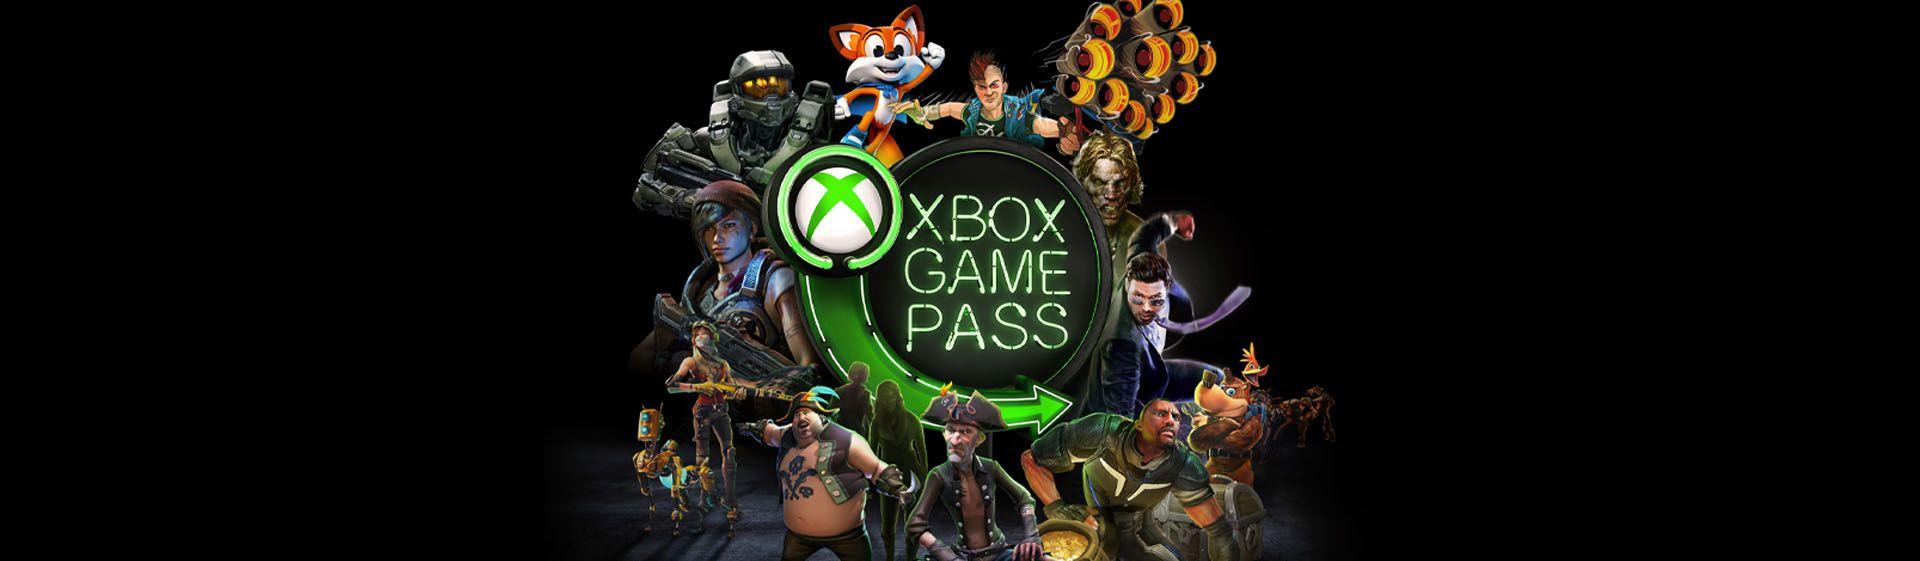 Como assinar o Xbox Game Pass no PC?